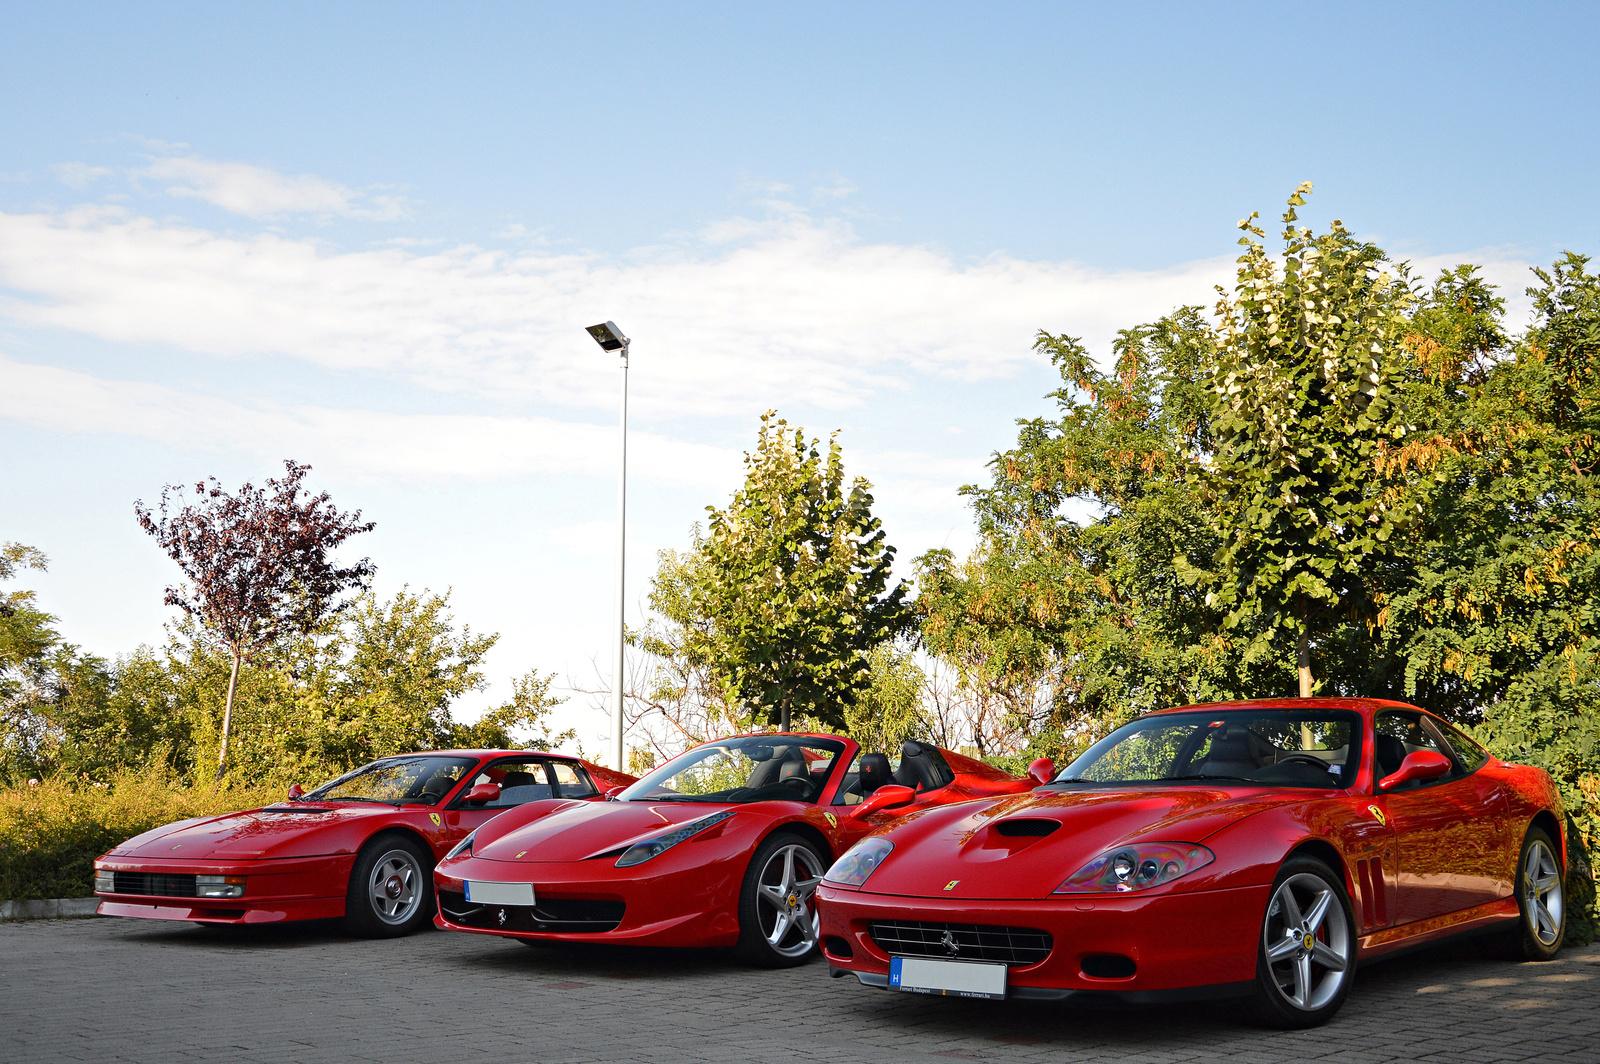 575M Maranello -- 458 Spider -- Testarossa